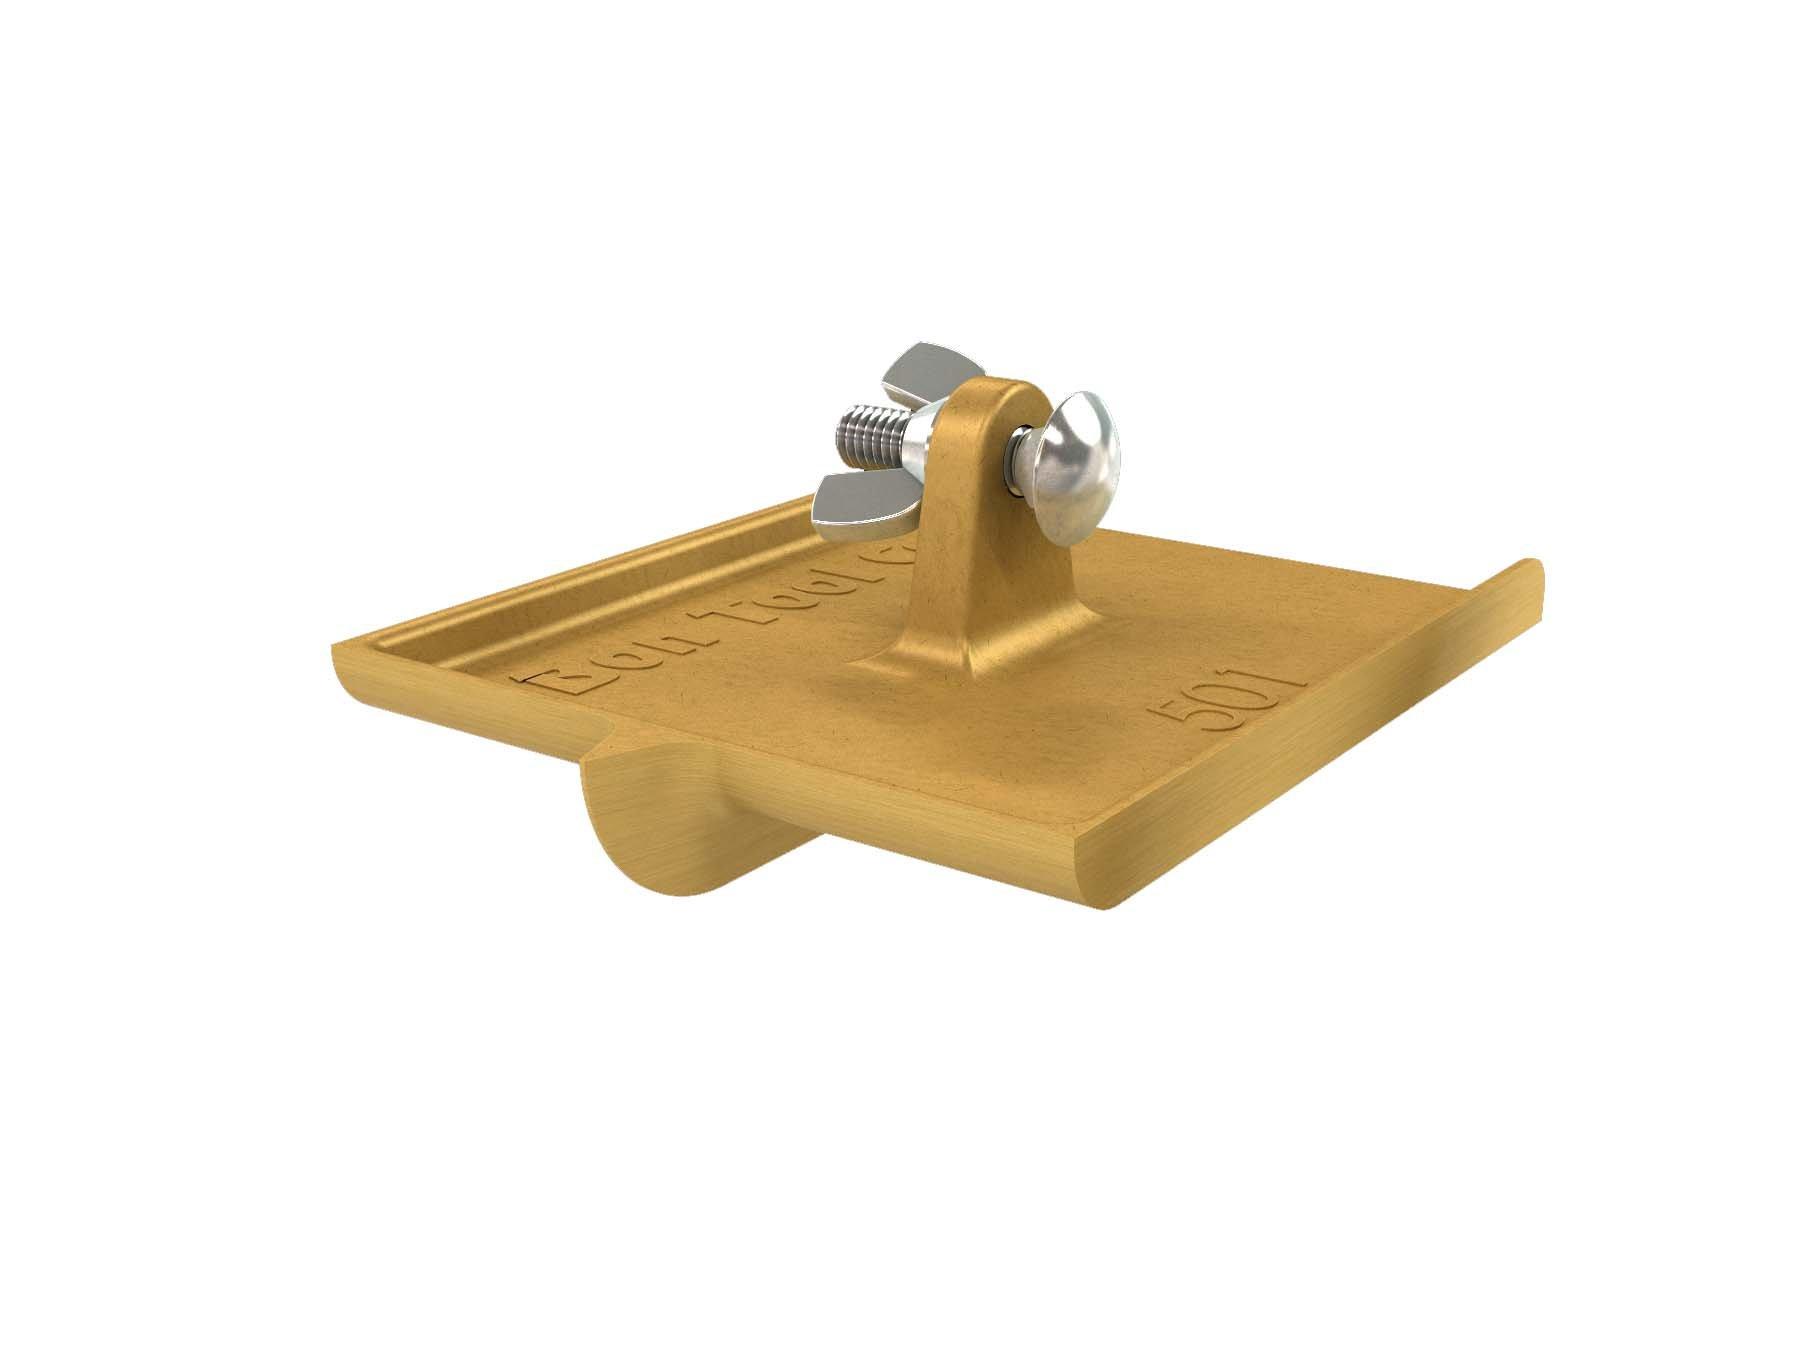 Bon 12-501 6-Inch by 4-1/2-Inch Bronze Walking Concrete Groover, 1/2-Inch Bit Depth, 3/8-Inch Bit Width by BON